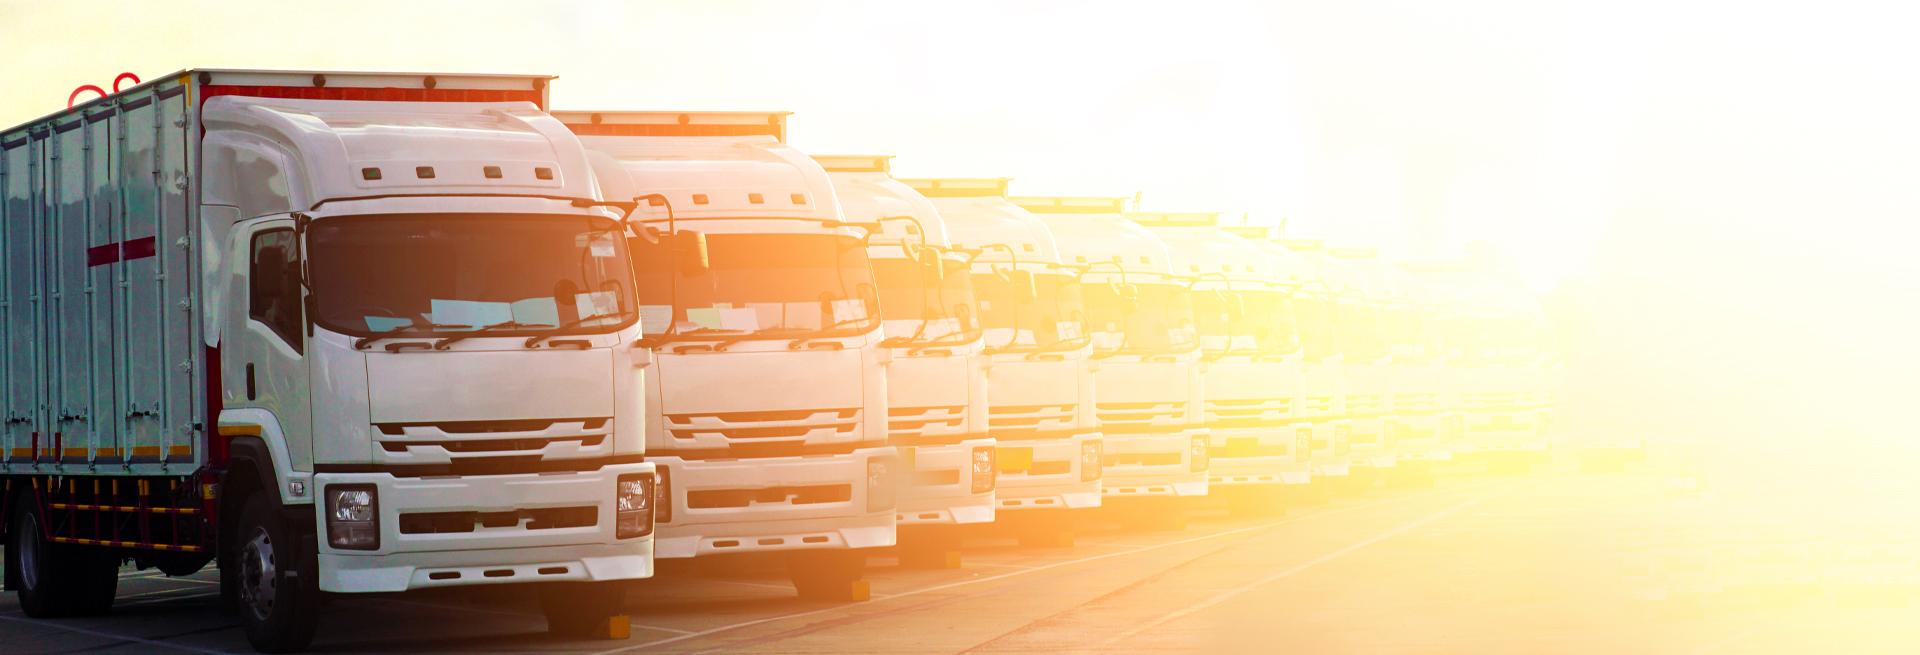 Um dos mais antigos pedidos da indústria automotiva pode finalmente se concretizar. Saiba mais sobre a renovação de frota em nosso blog.